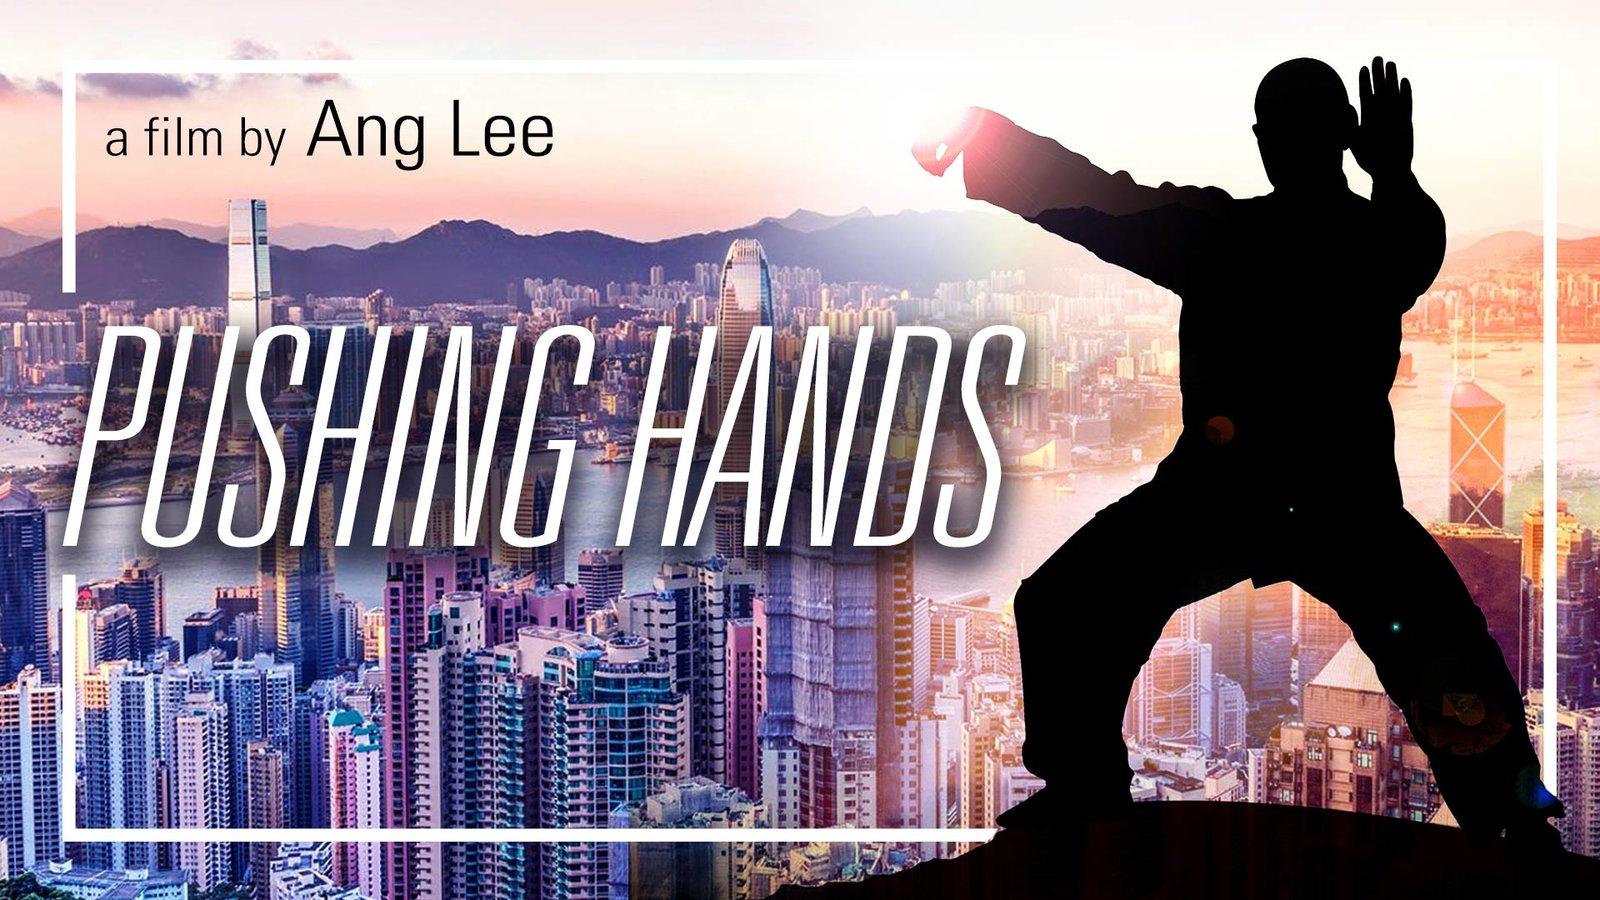 Pushing Hands - Tui shou